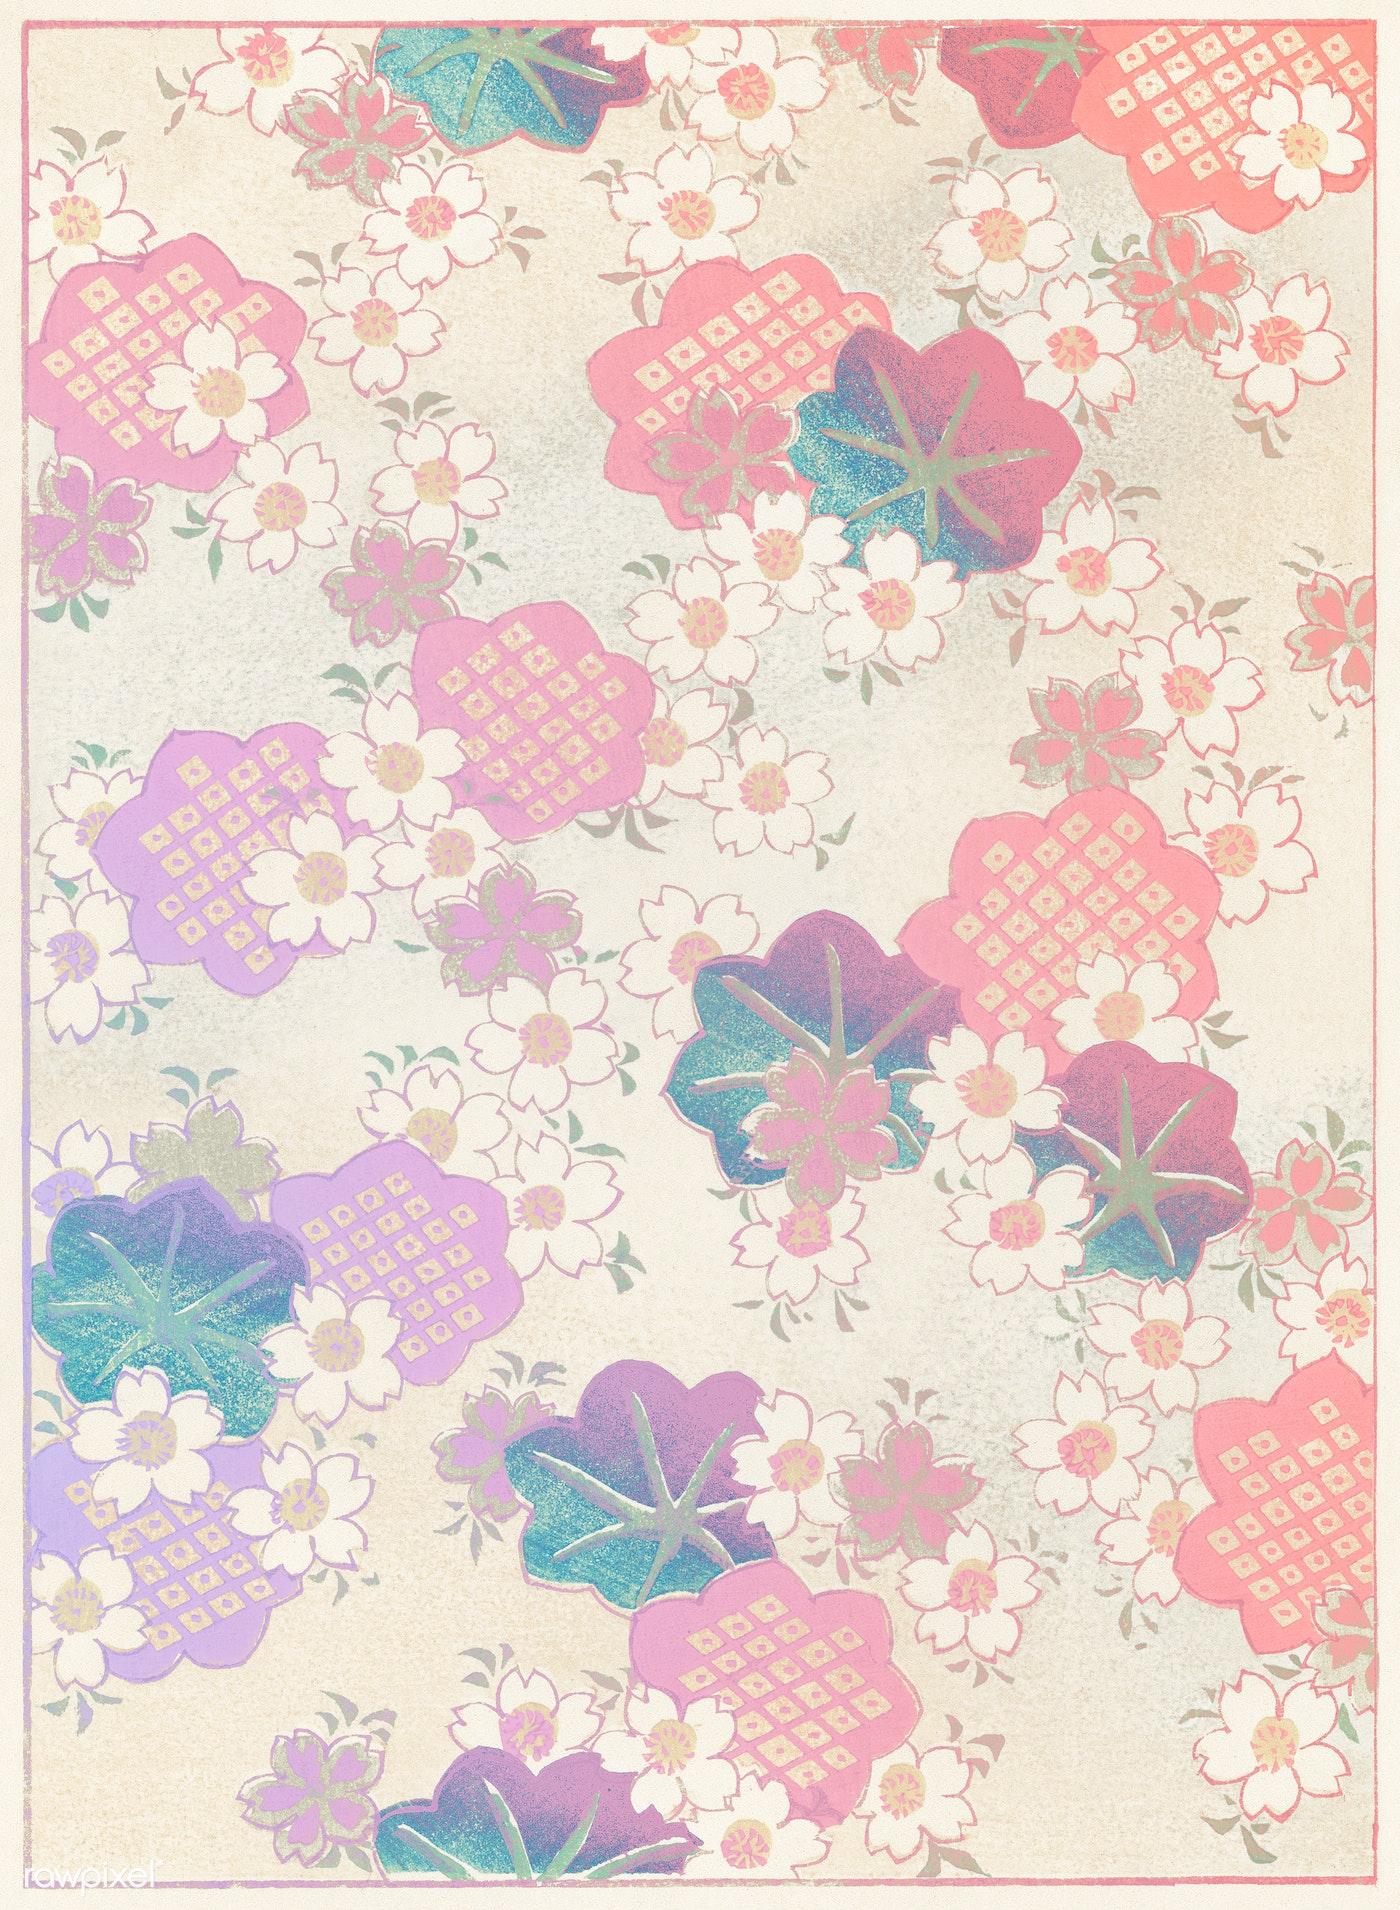 Pastel Floral Pattern Vintage Illustration Remix From Original